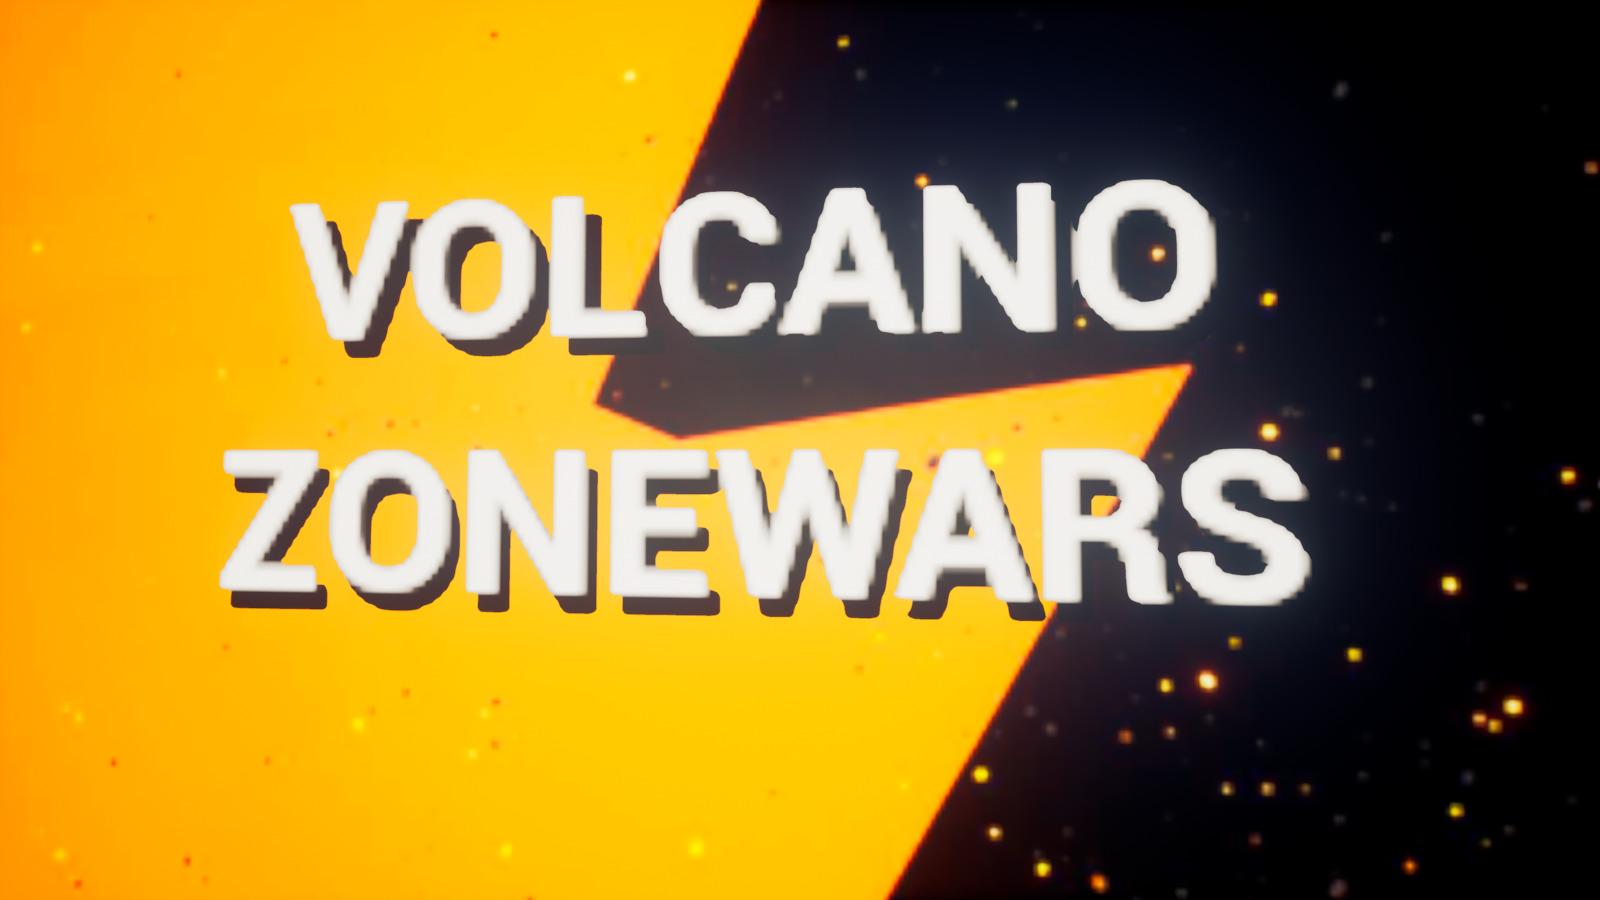 Volcano ZoneWars 🌋